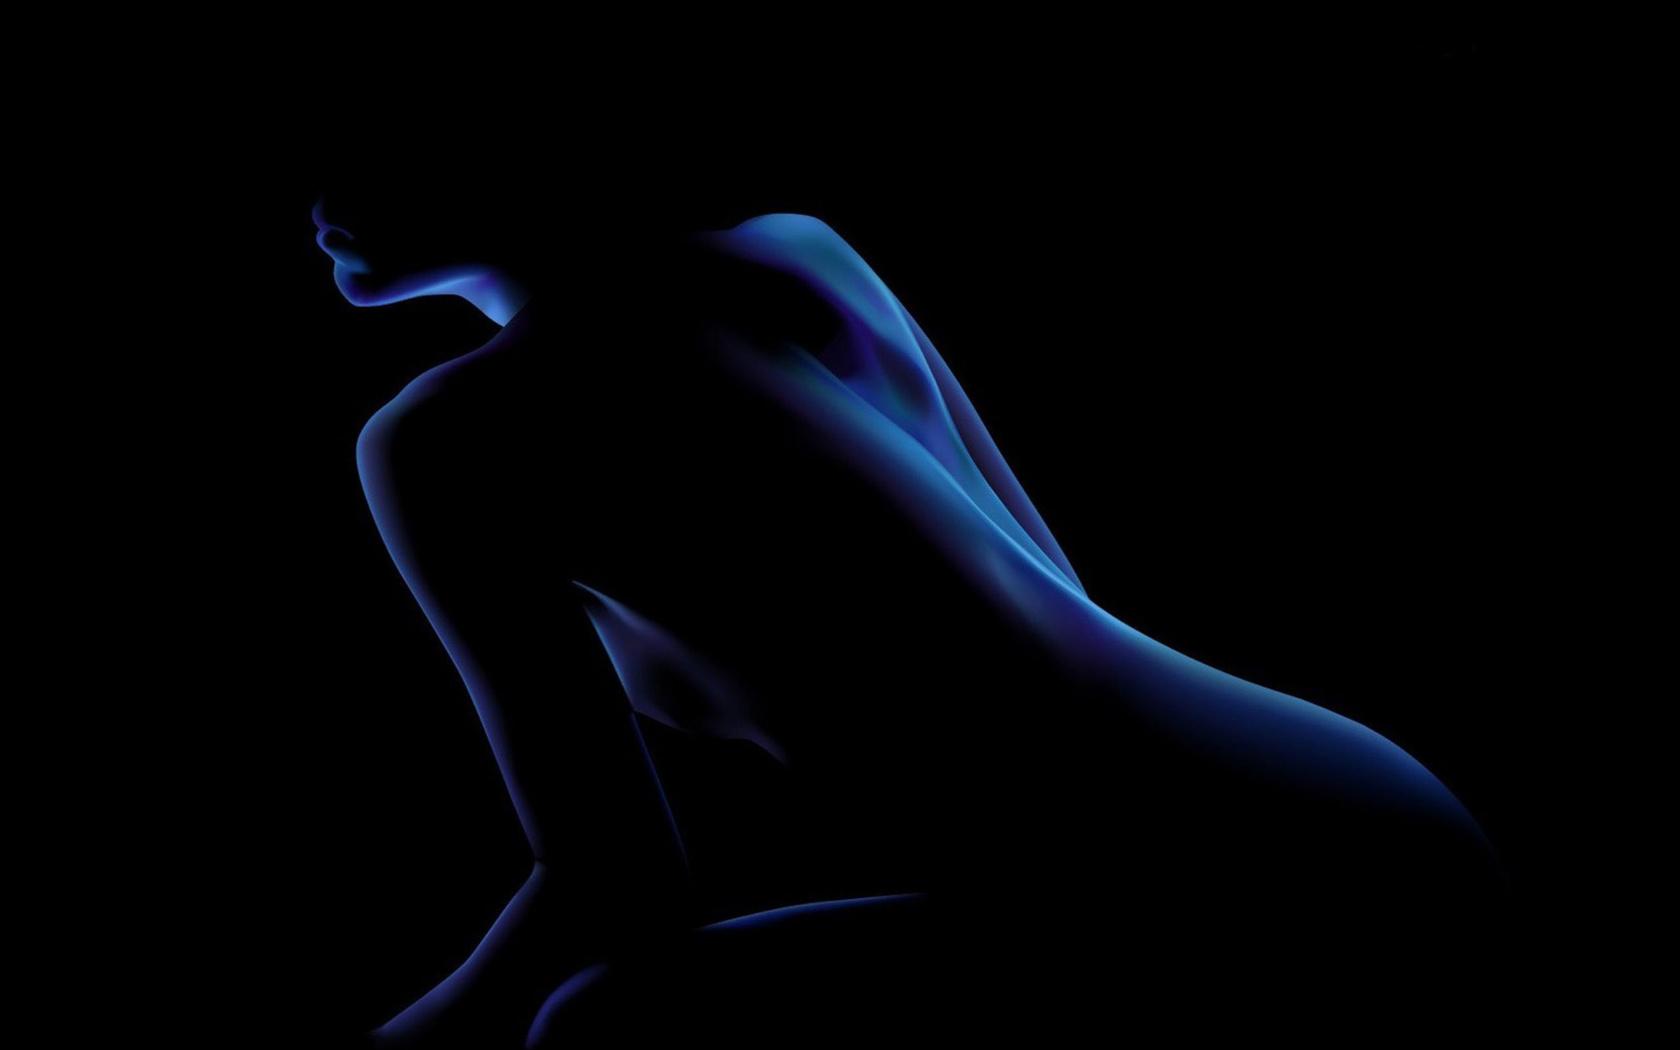 предназначен картинки женский силуэт в темноте повысите уровень